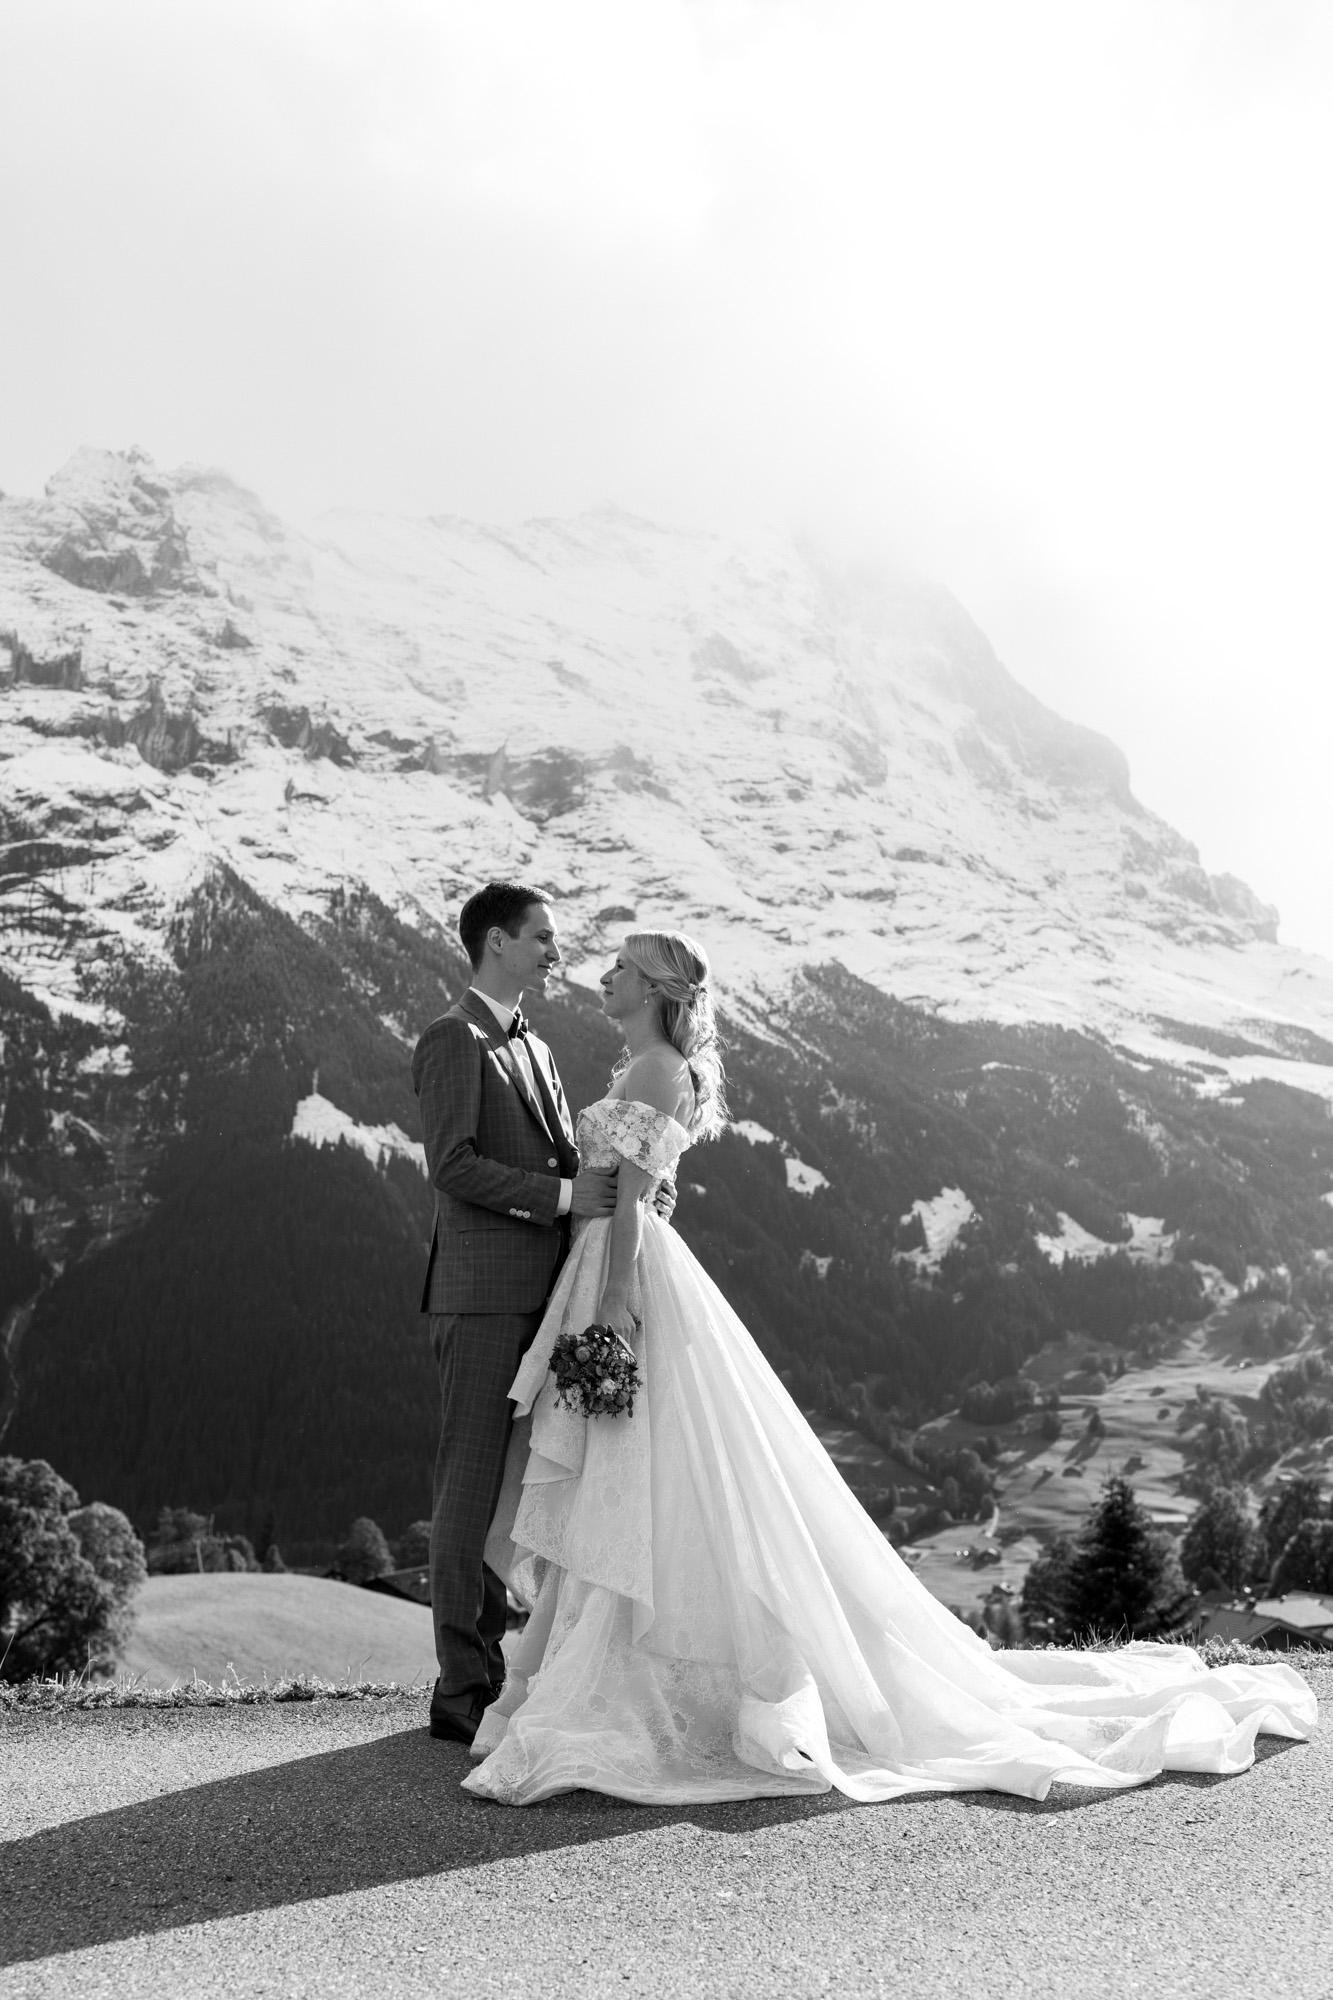 Das Brautpaar beim Fotoshooting in den Bergen - Hochzeitsfotograf Basel Schweiz